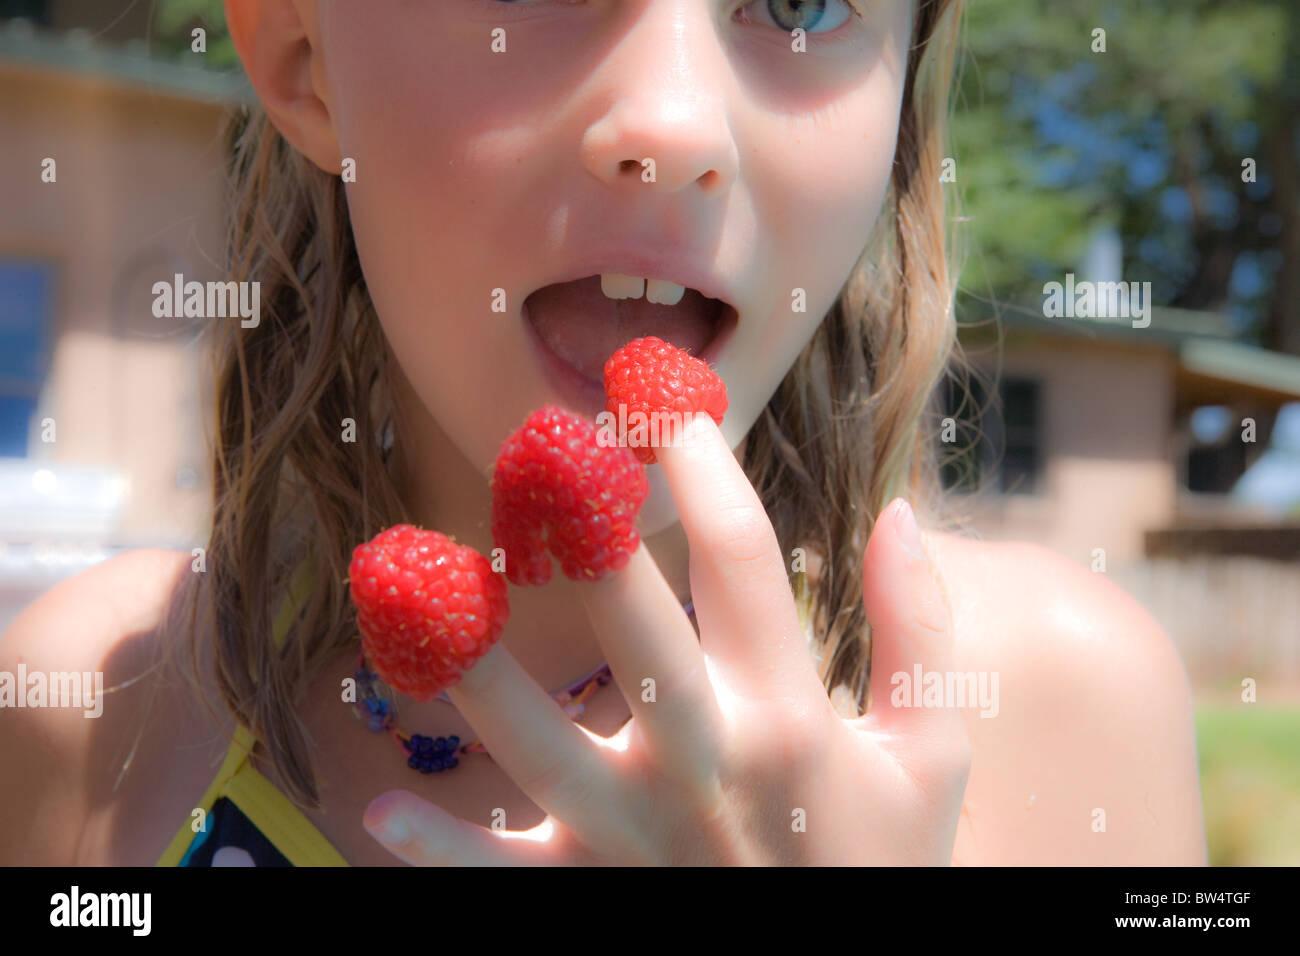 Mädchen mit Himbeeren auf ihren Fingerspitzen Mund offen Stockfoto